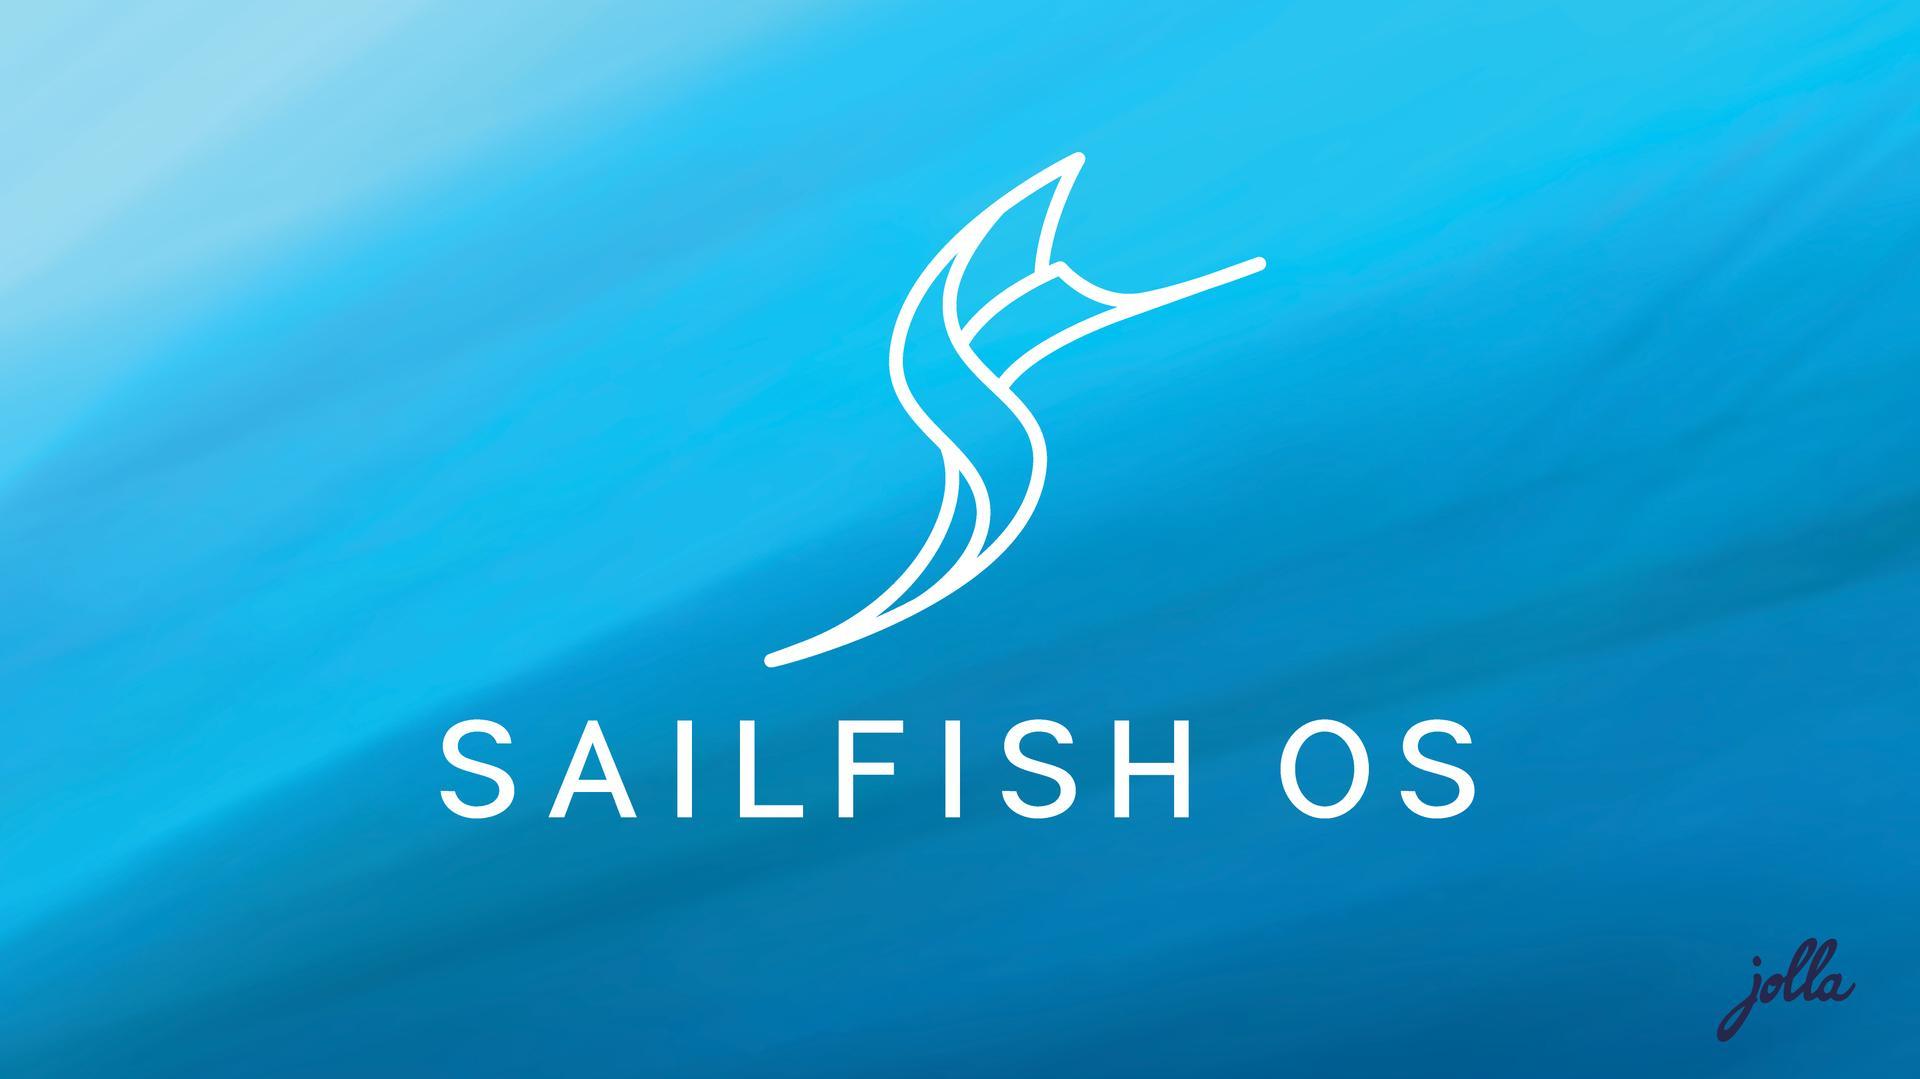 Насмартфонах Sony можно сменить ОСнаSailfish